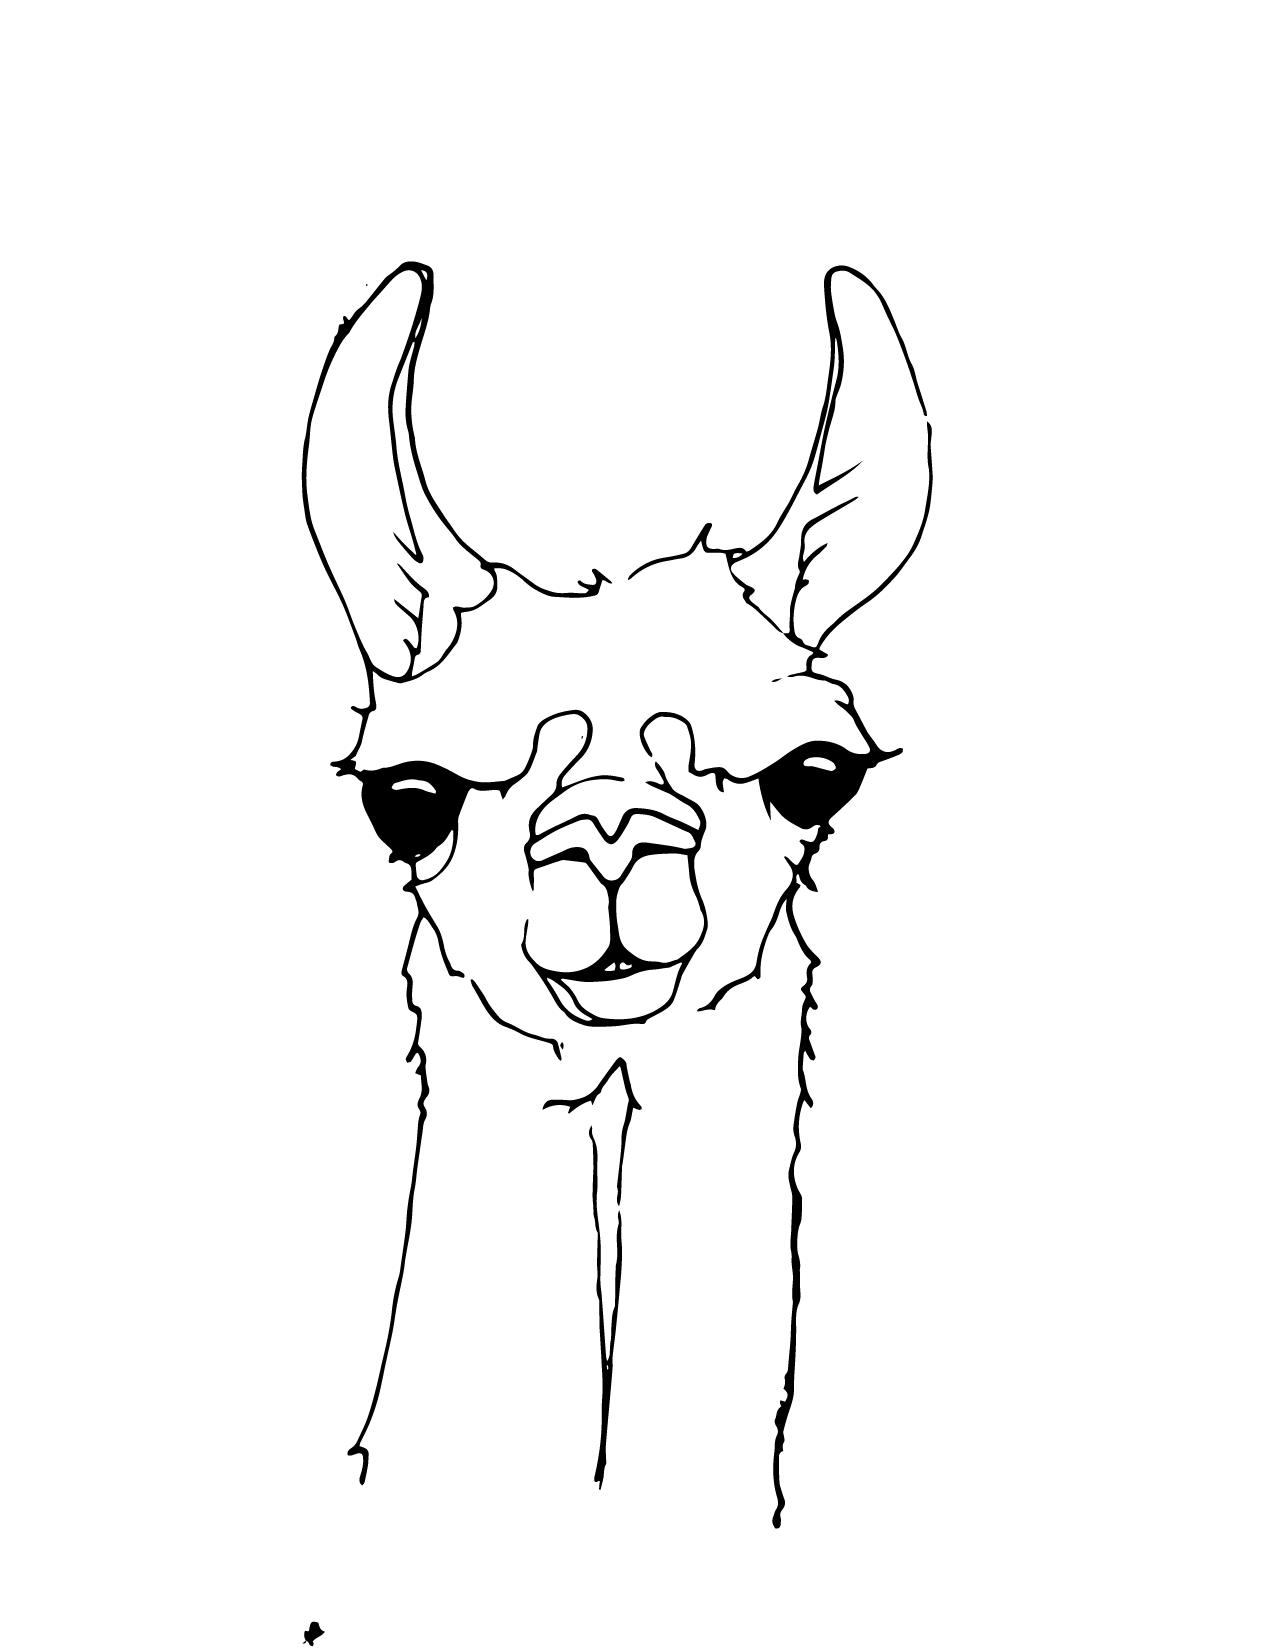 Llama face clipart.